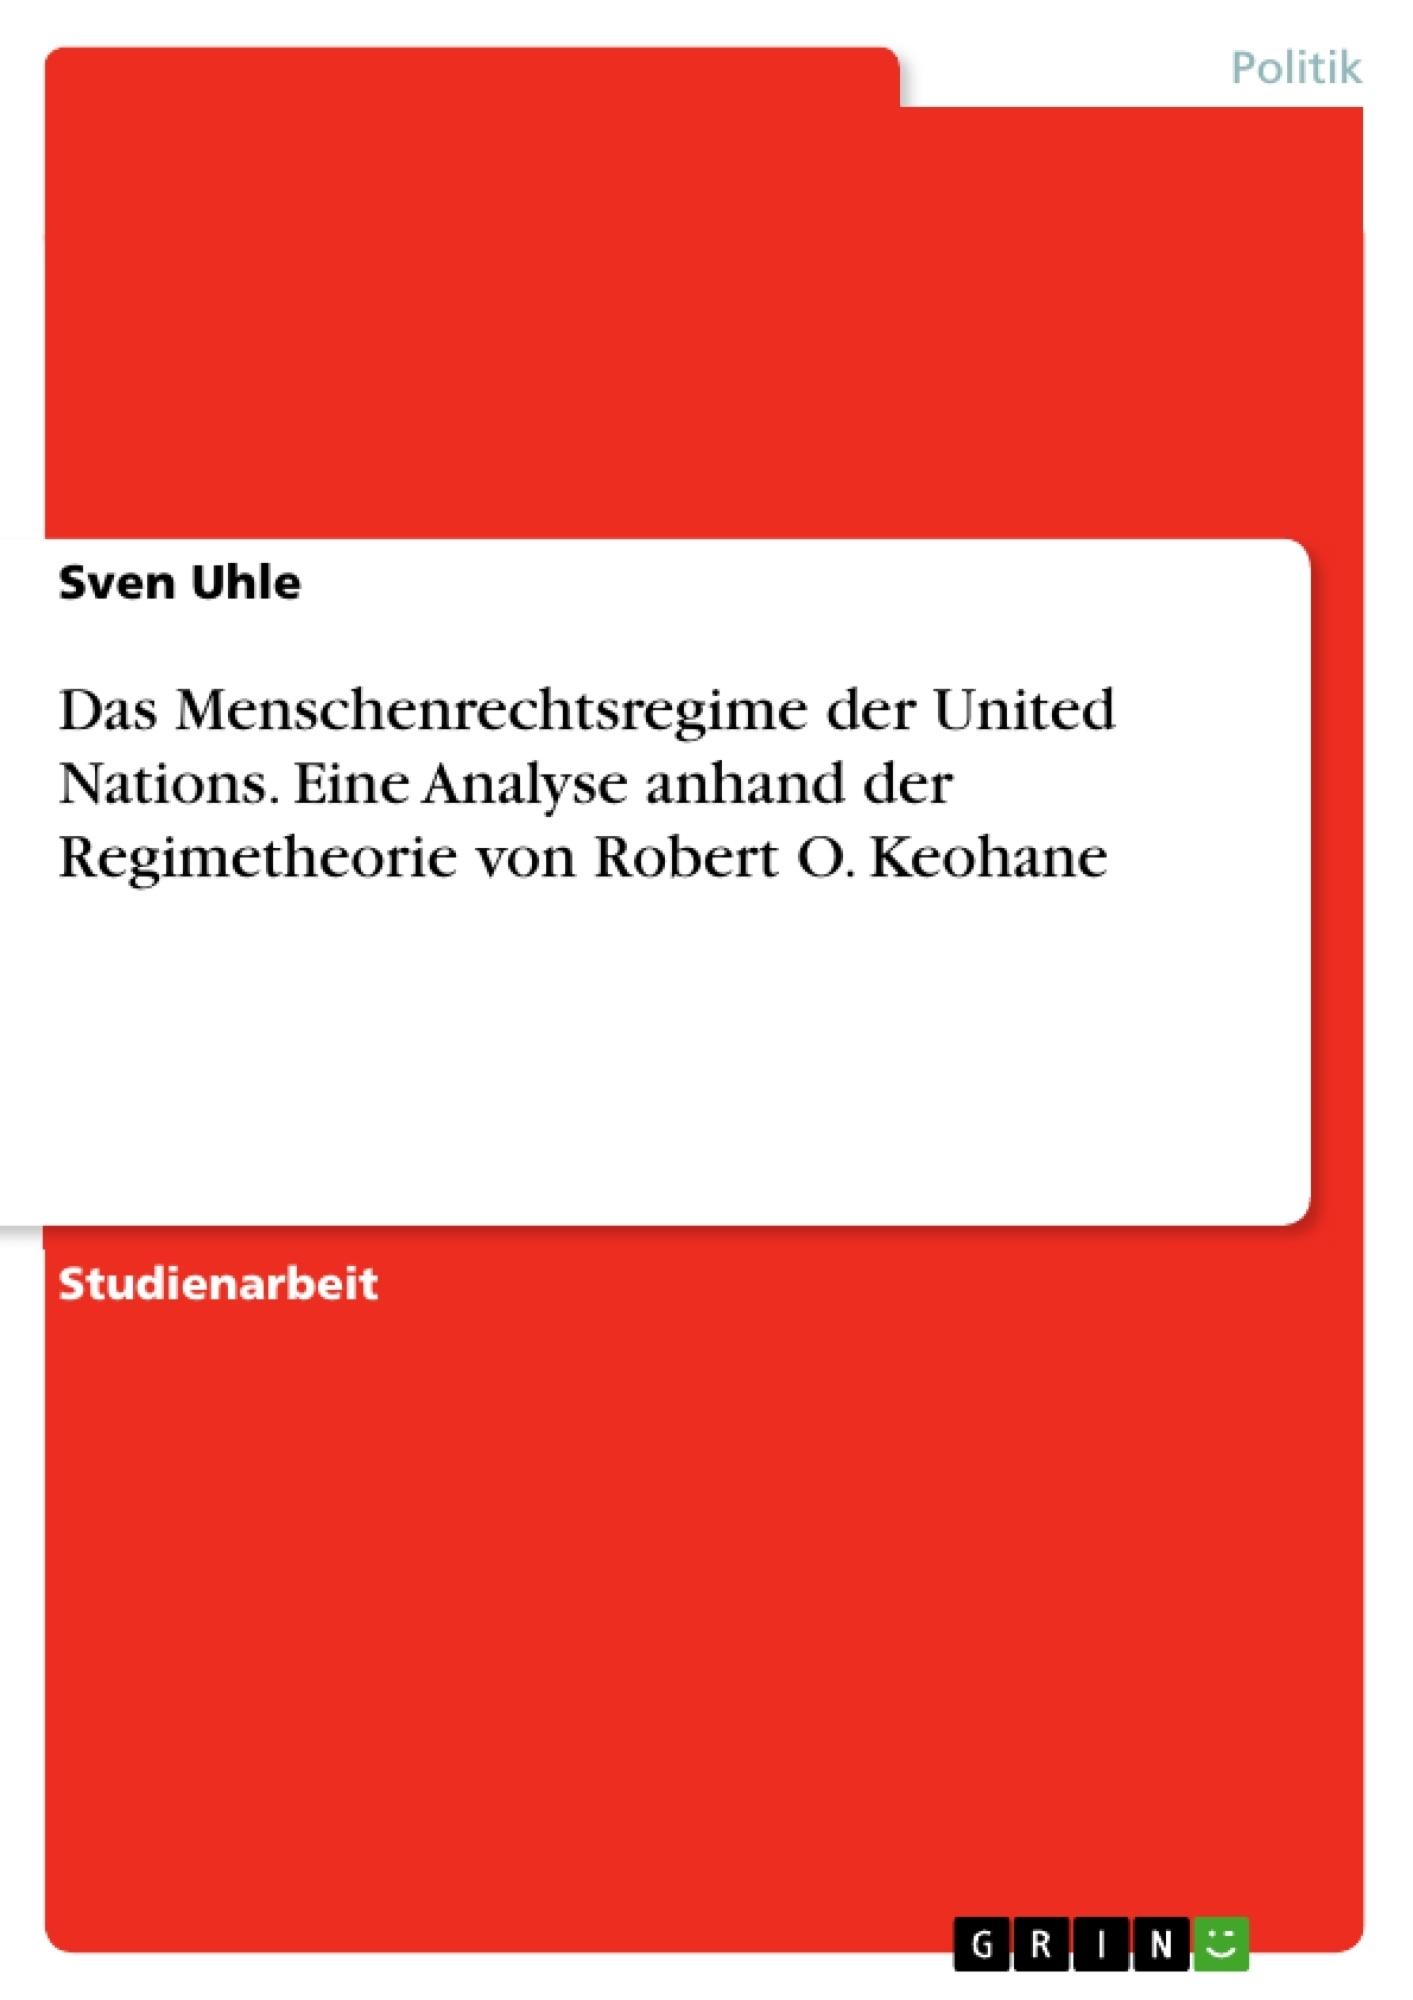 Titel: Das Menschenrechtsregime der United Nations. Eine Analyse anhand der Regimetheorie von Robert O. Keohane